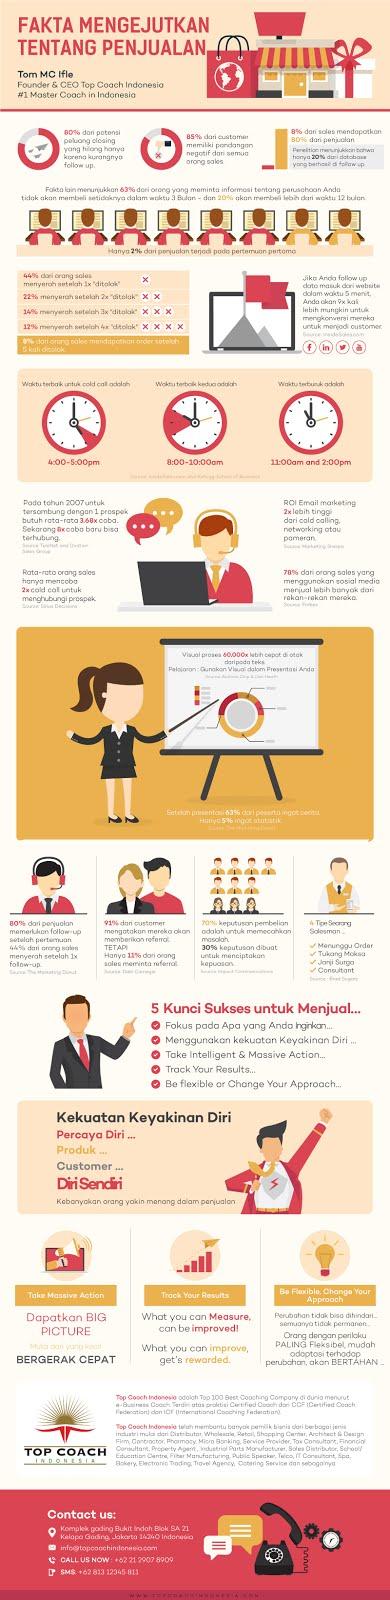 Ketahui 28 Fakta Mengejutkan Tentang Penjualan Lewat Infografis Ini lisubisnis.com bisnis muslim